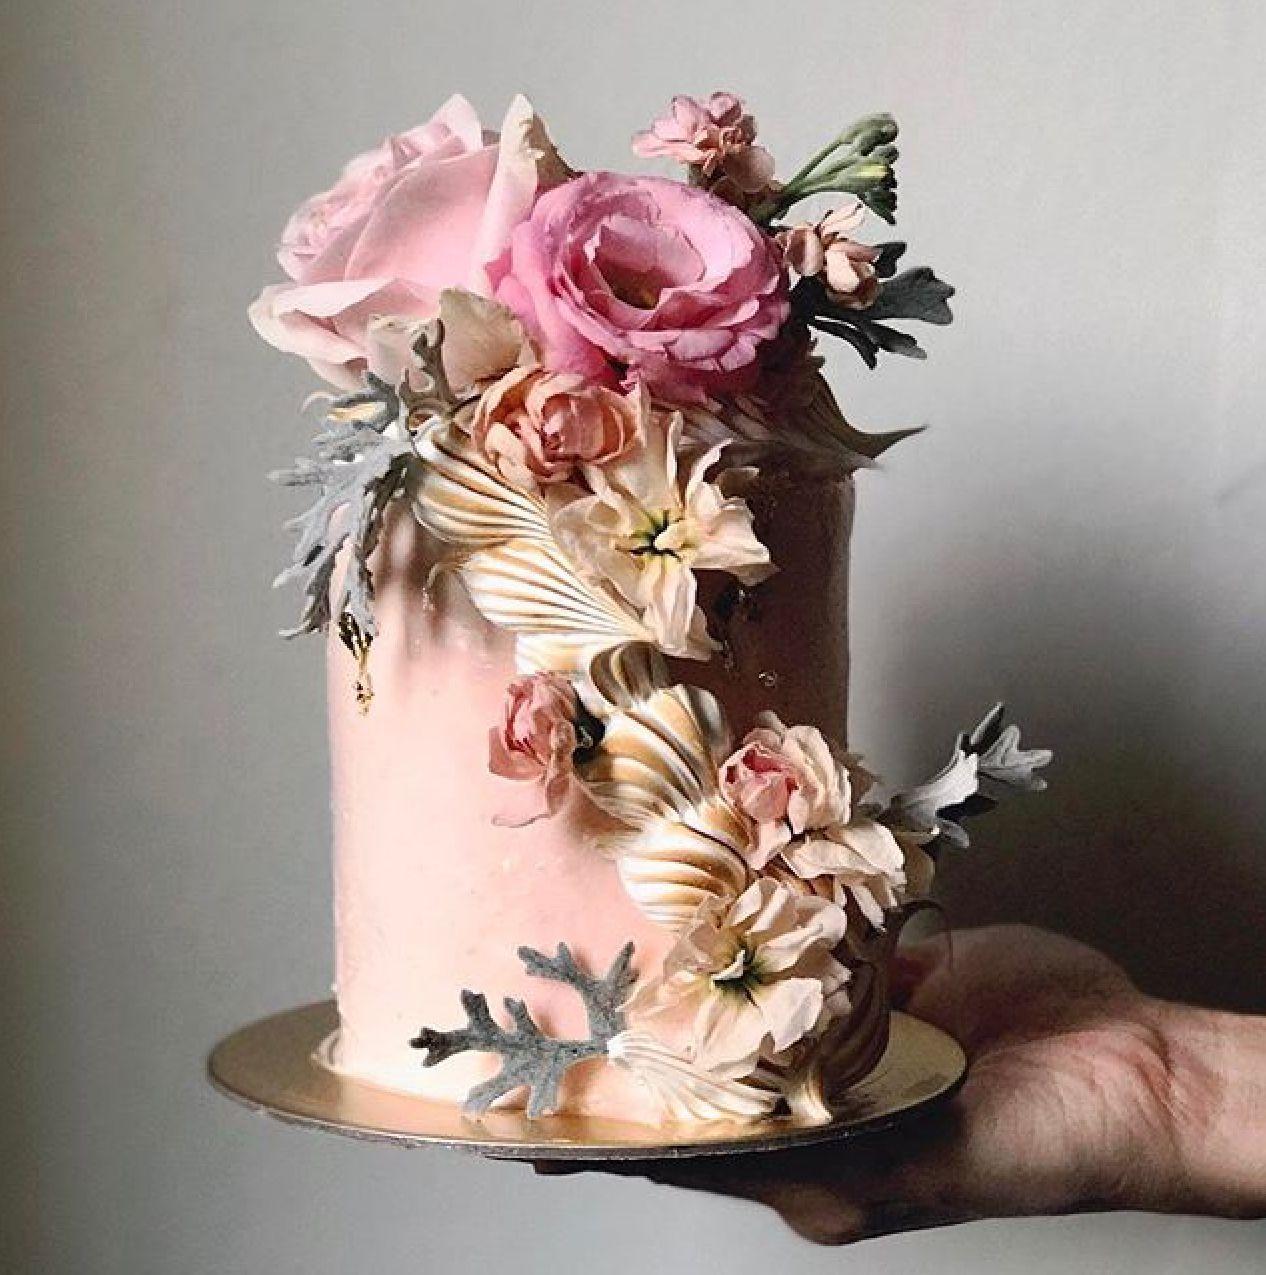 Wedding & Engagement 🌹 #elegantweddingideas 📷 Photography